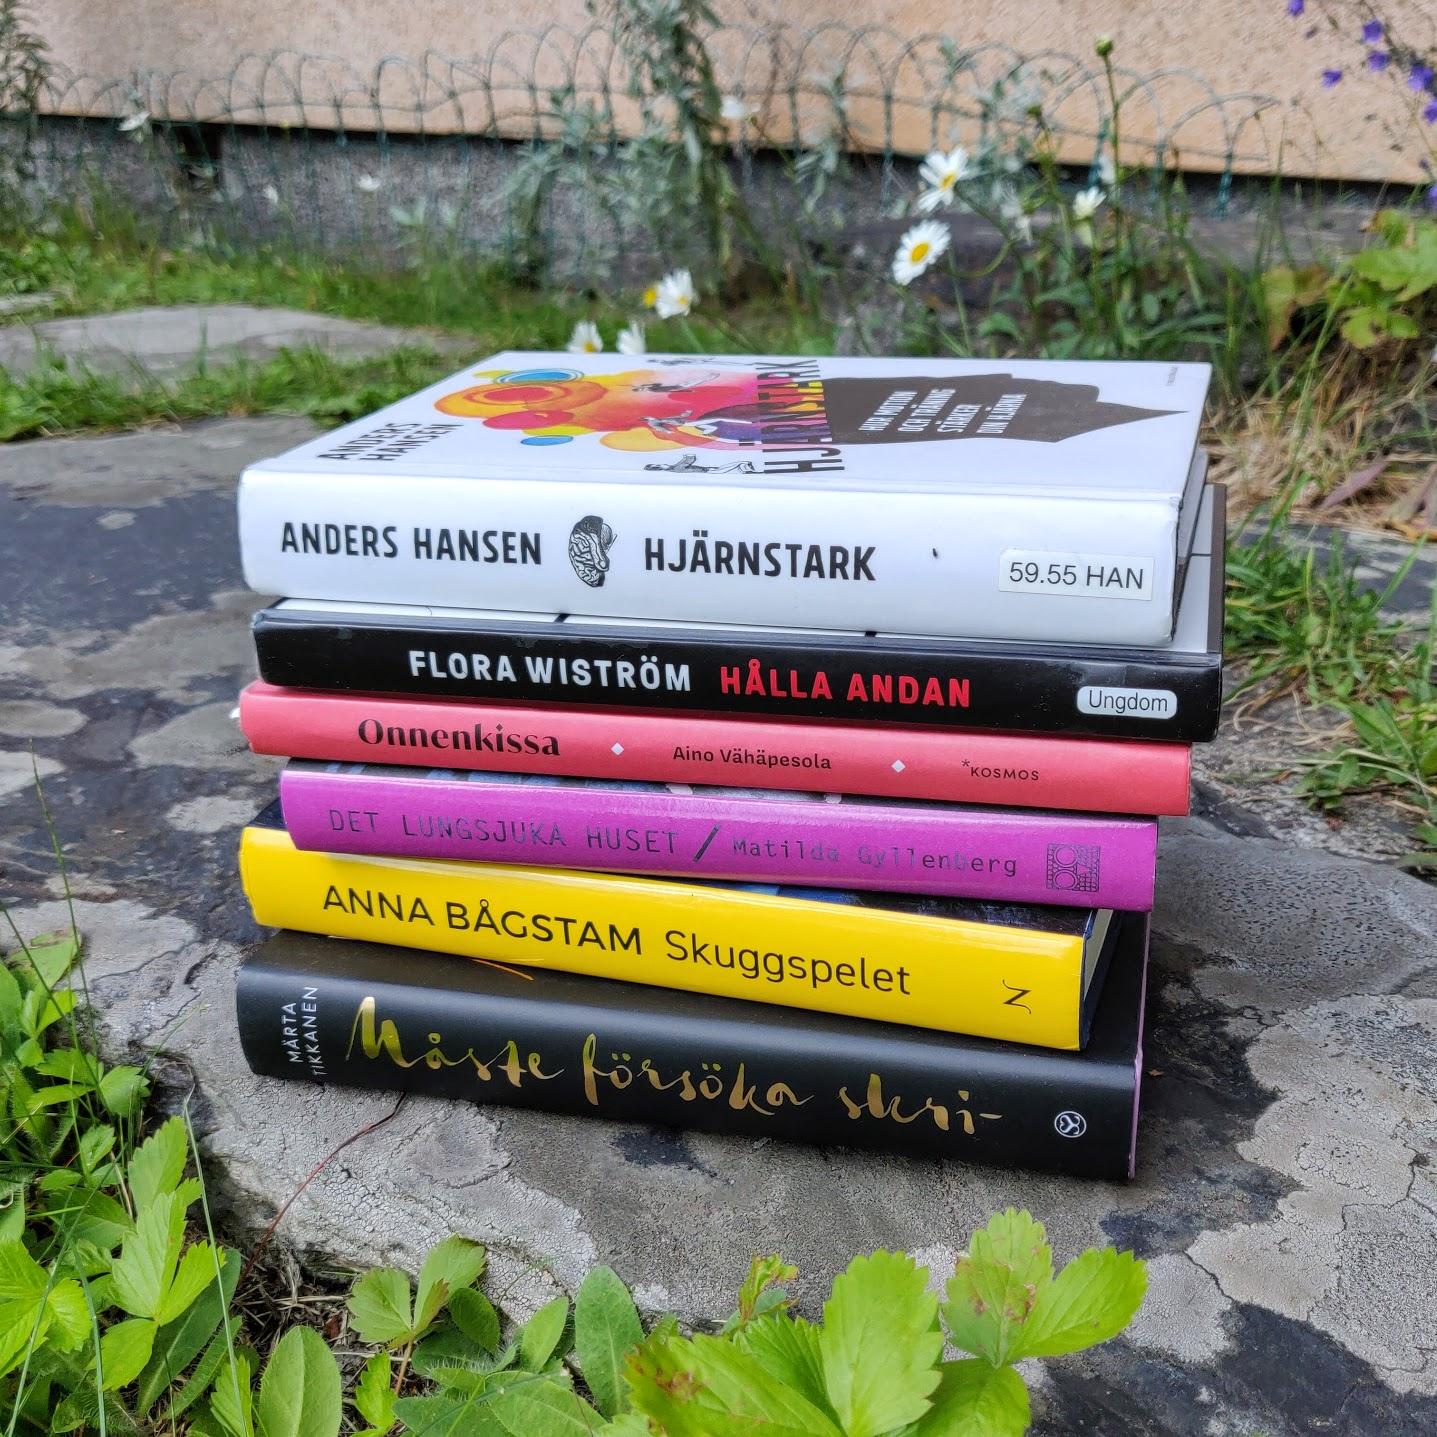 Jag har läst alla böcker förutom Märta Tikkansens Måste försöka skri- som jag inte ännu börjat med. Och nu inser jag att jag faktiskt läst böckerna just i den här ordningen, haha!